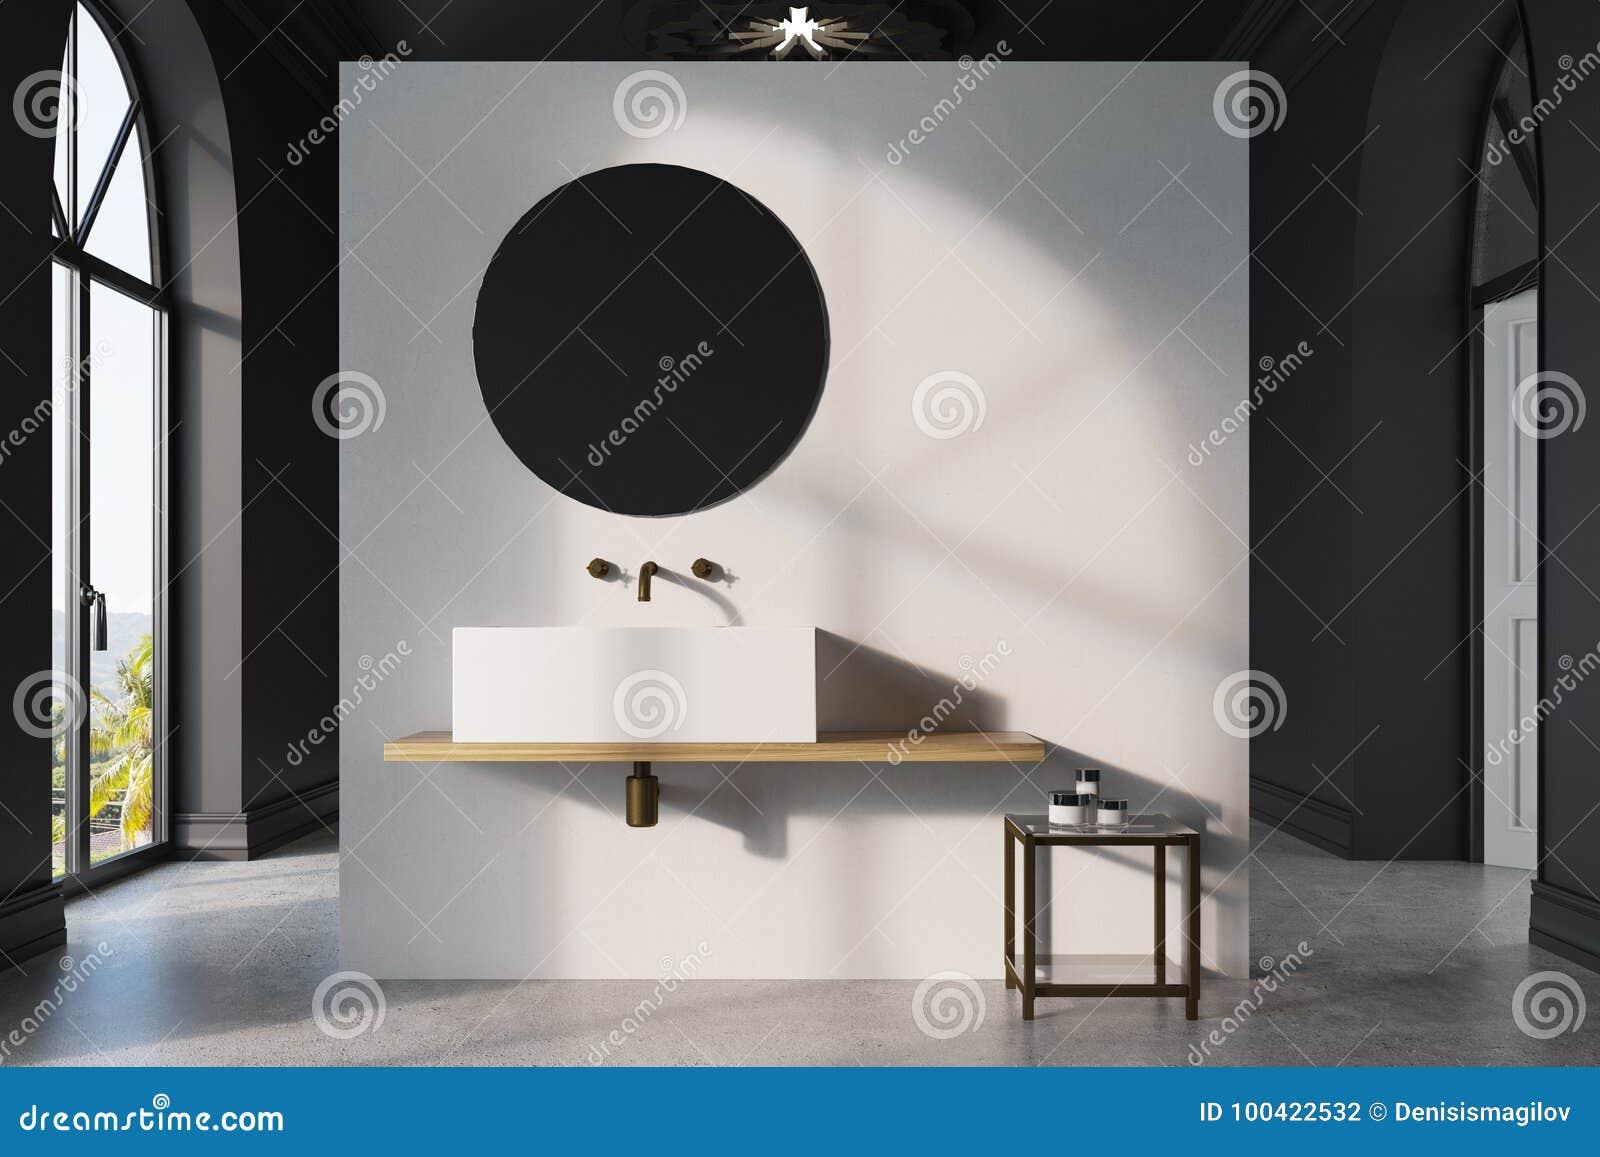 Specchio Bagno Bianco.Bagno Bianco E Nero Lavandino Specchio Illustrazione Di Stock